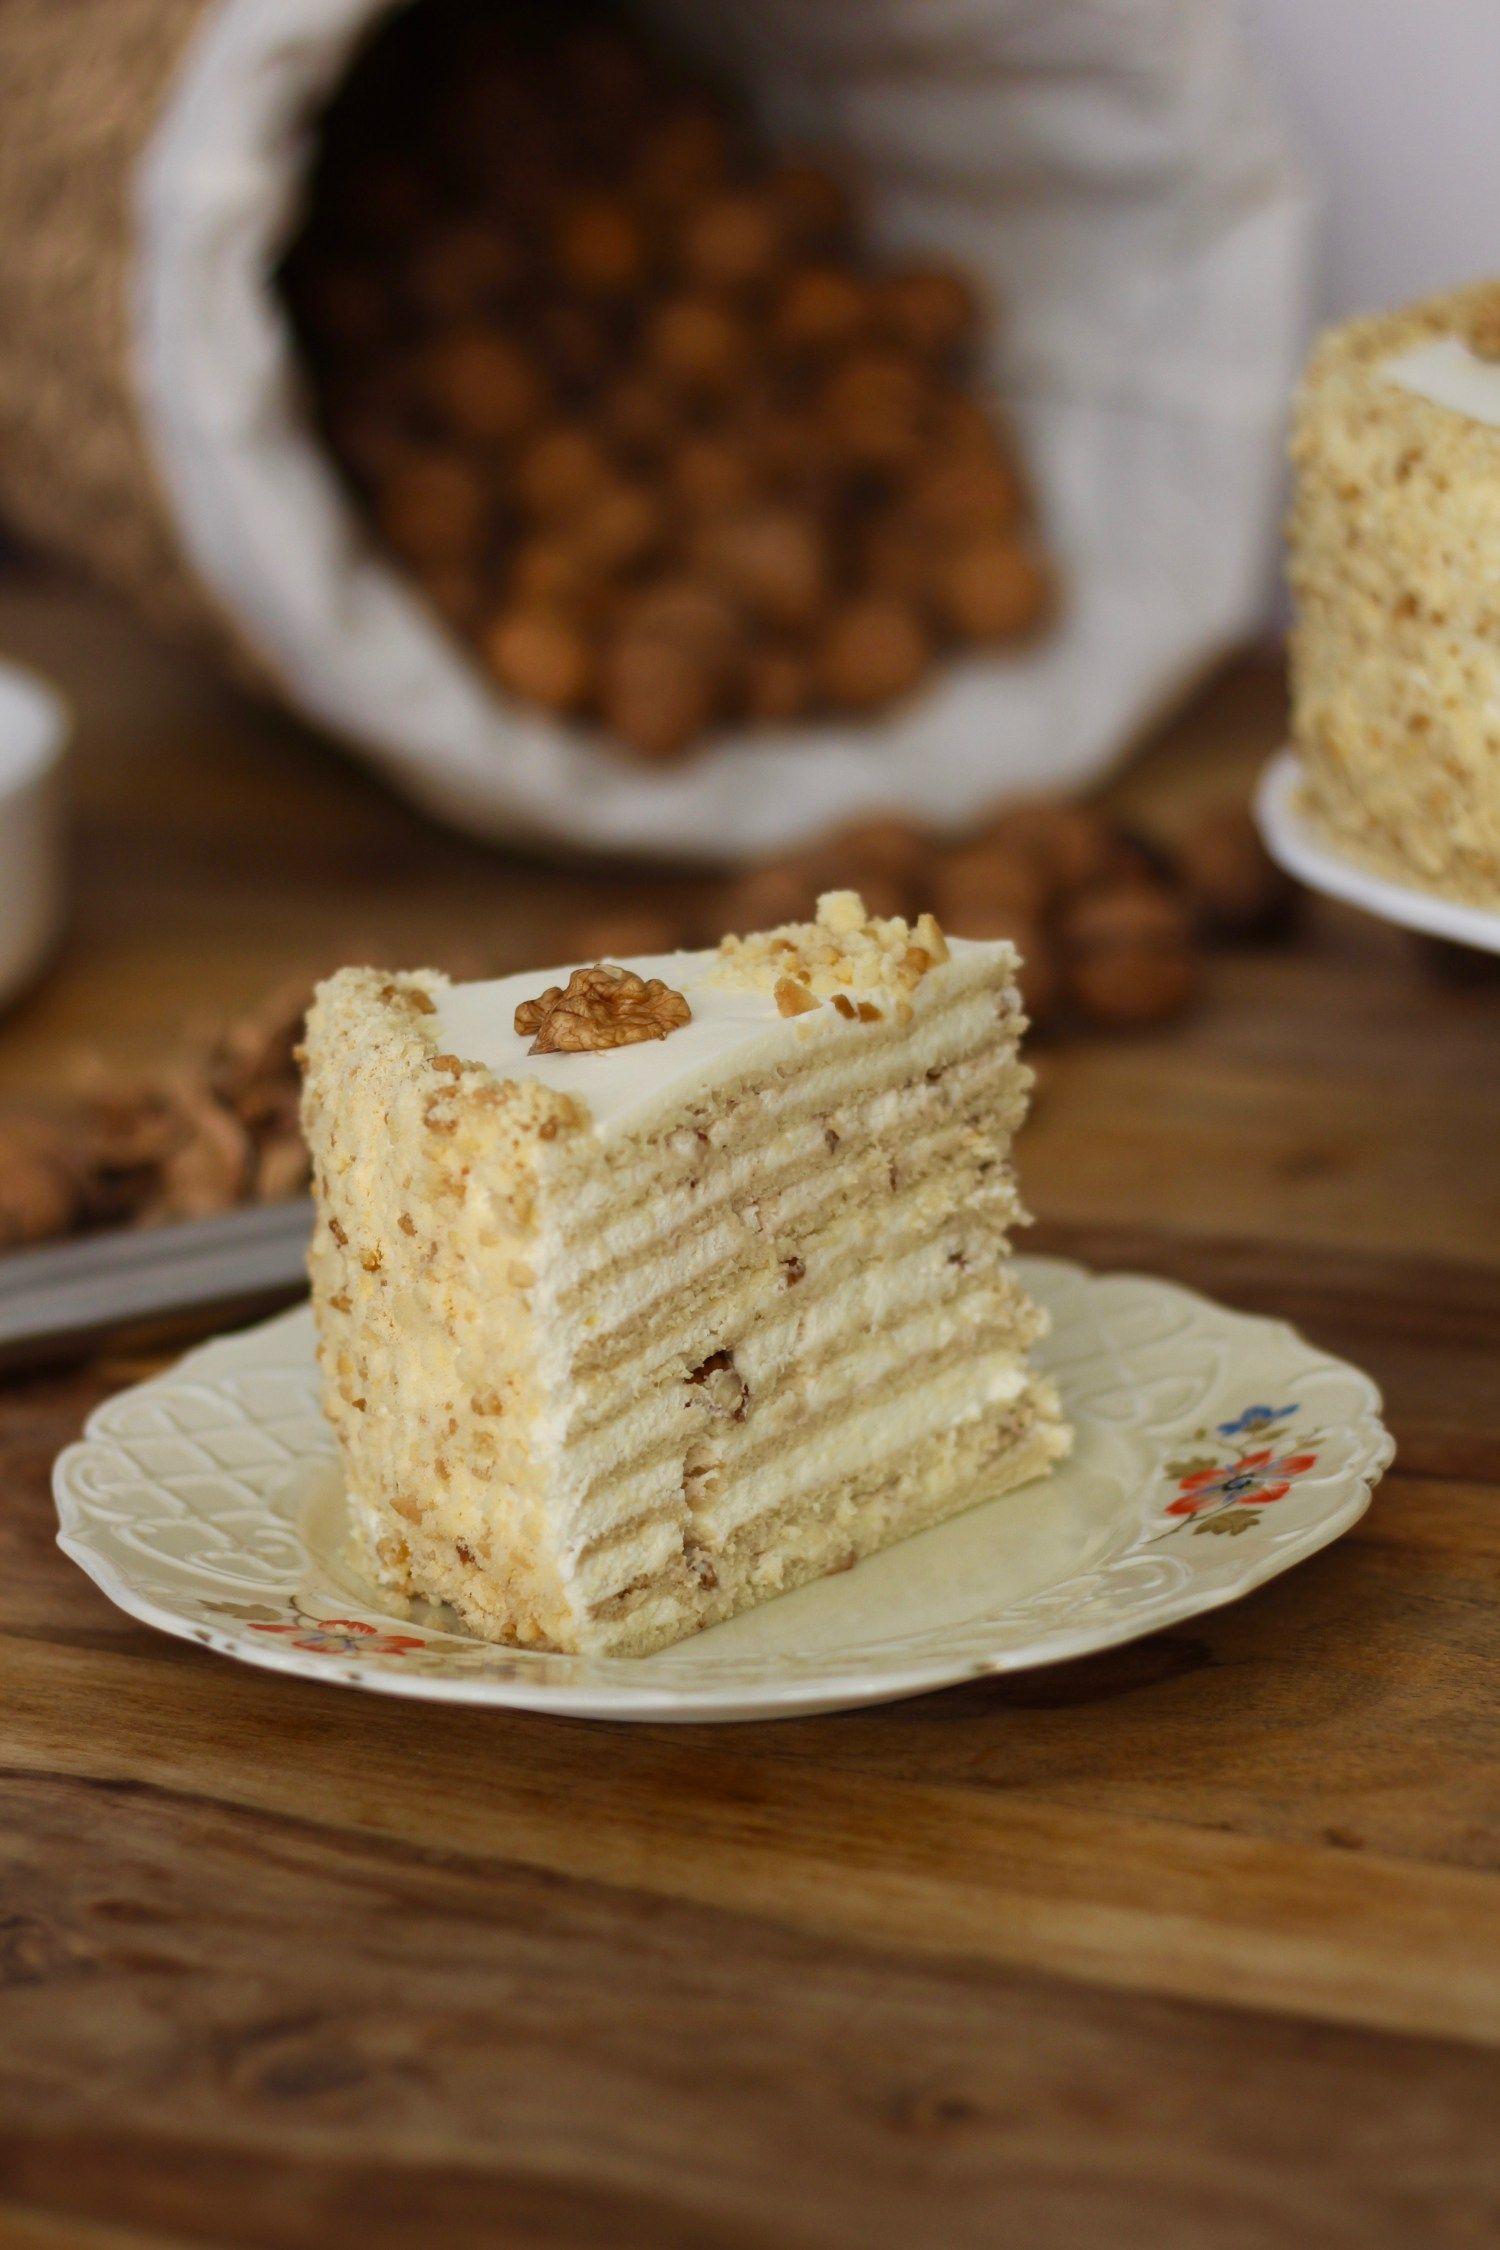 Medovnik Russische Honigtorte Tasty Matter Kuchen Und Torten Rezepte Kuchen Und Torten Kaffee Und Kuchen